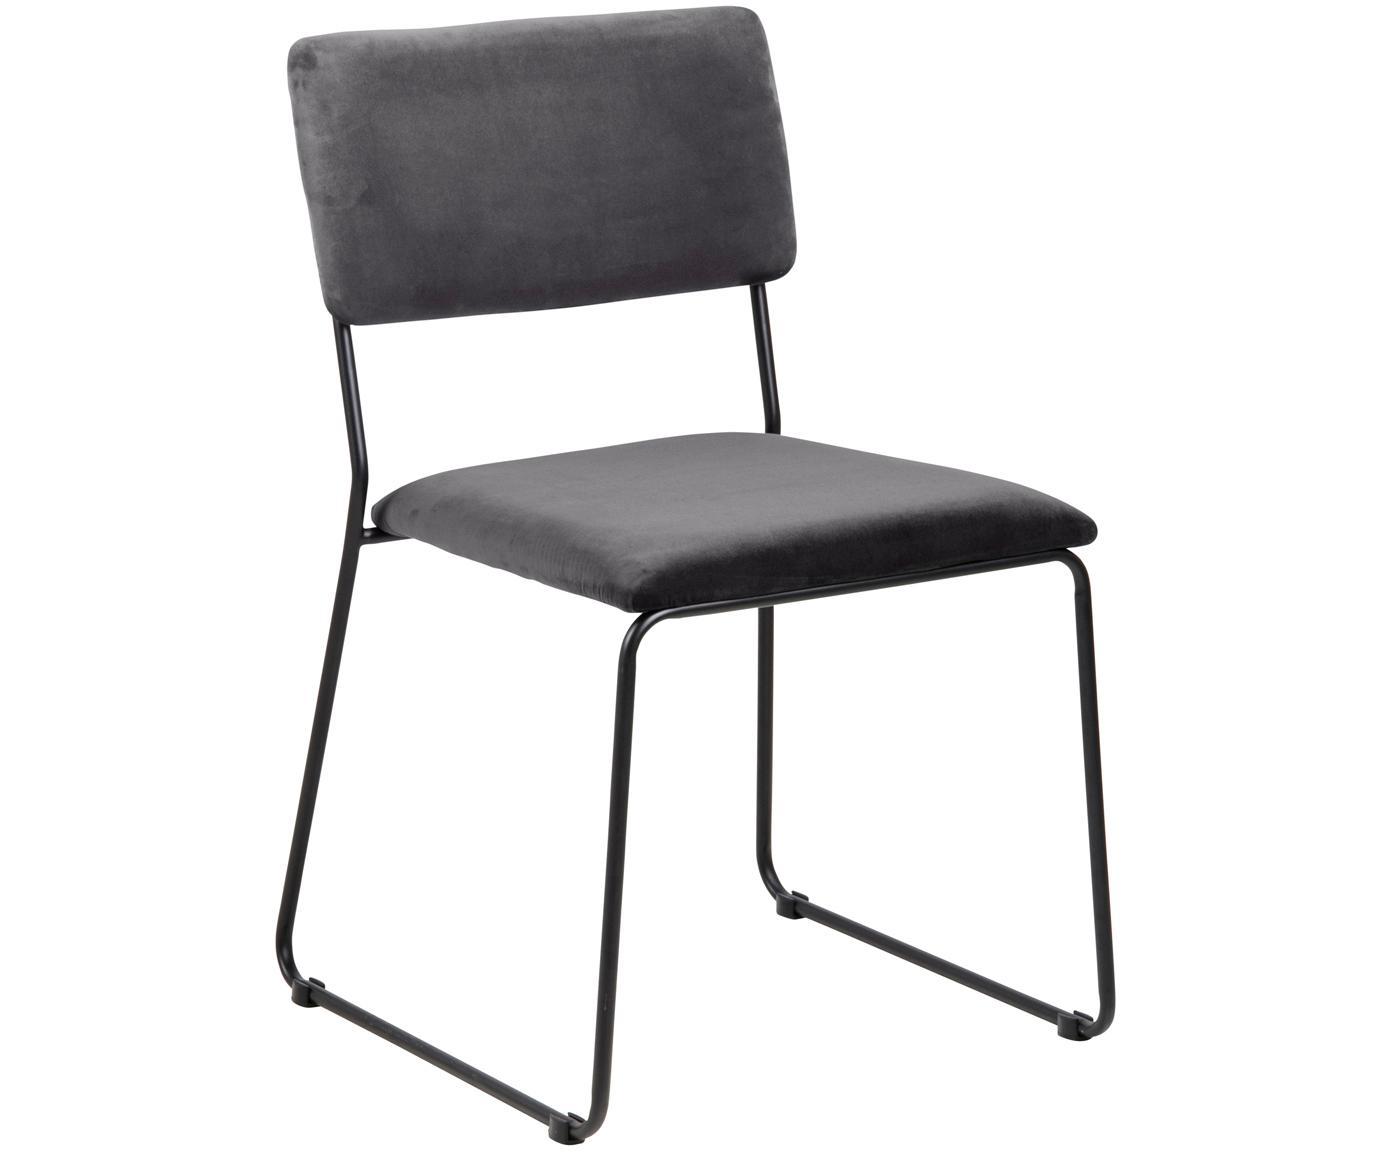 Krzesło tapicerowane z aksamitu Cornelia, 2 szt., Tapicerka: aksamit poliestrowy 2500, Nogi: metal lakierowany, Ciemnyszary, czarny, S 50 x G 54 cm